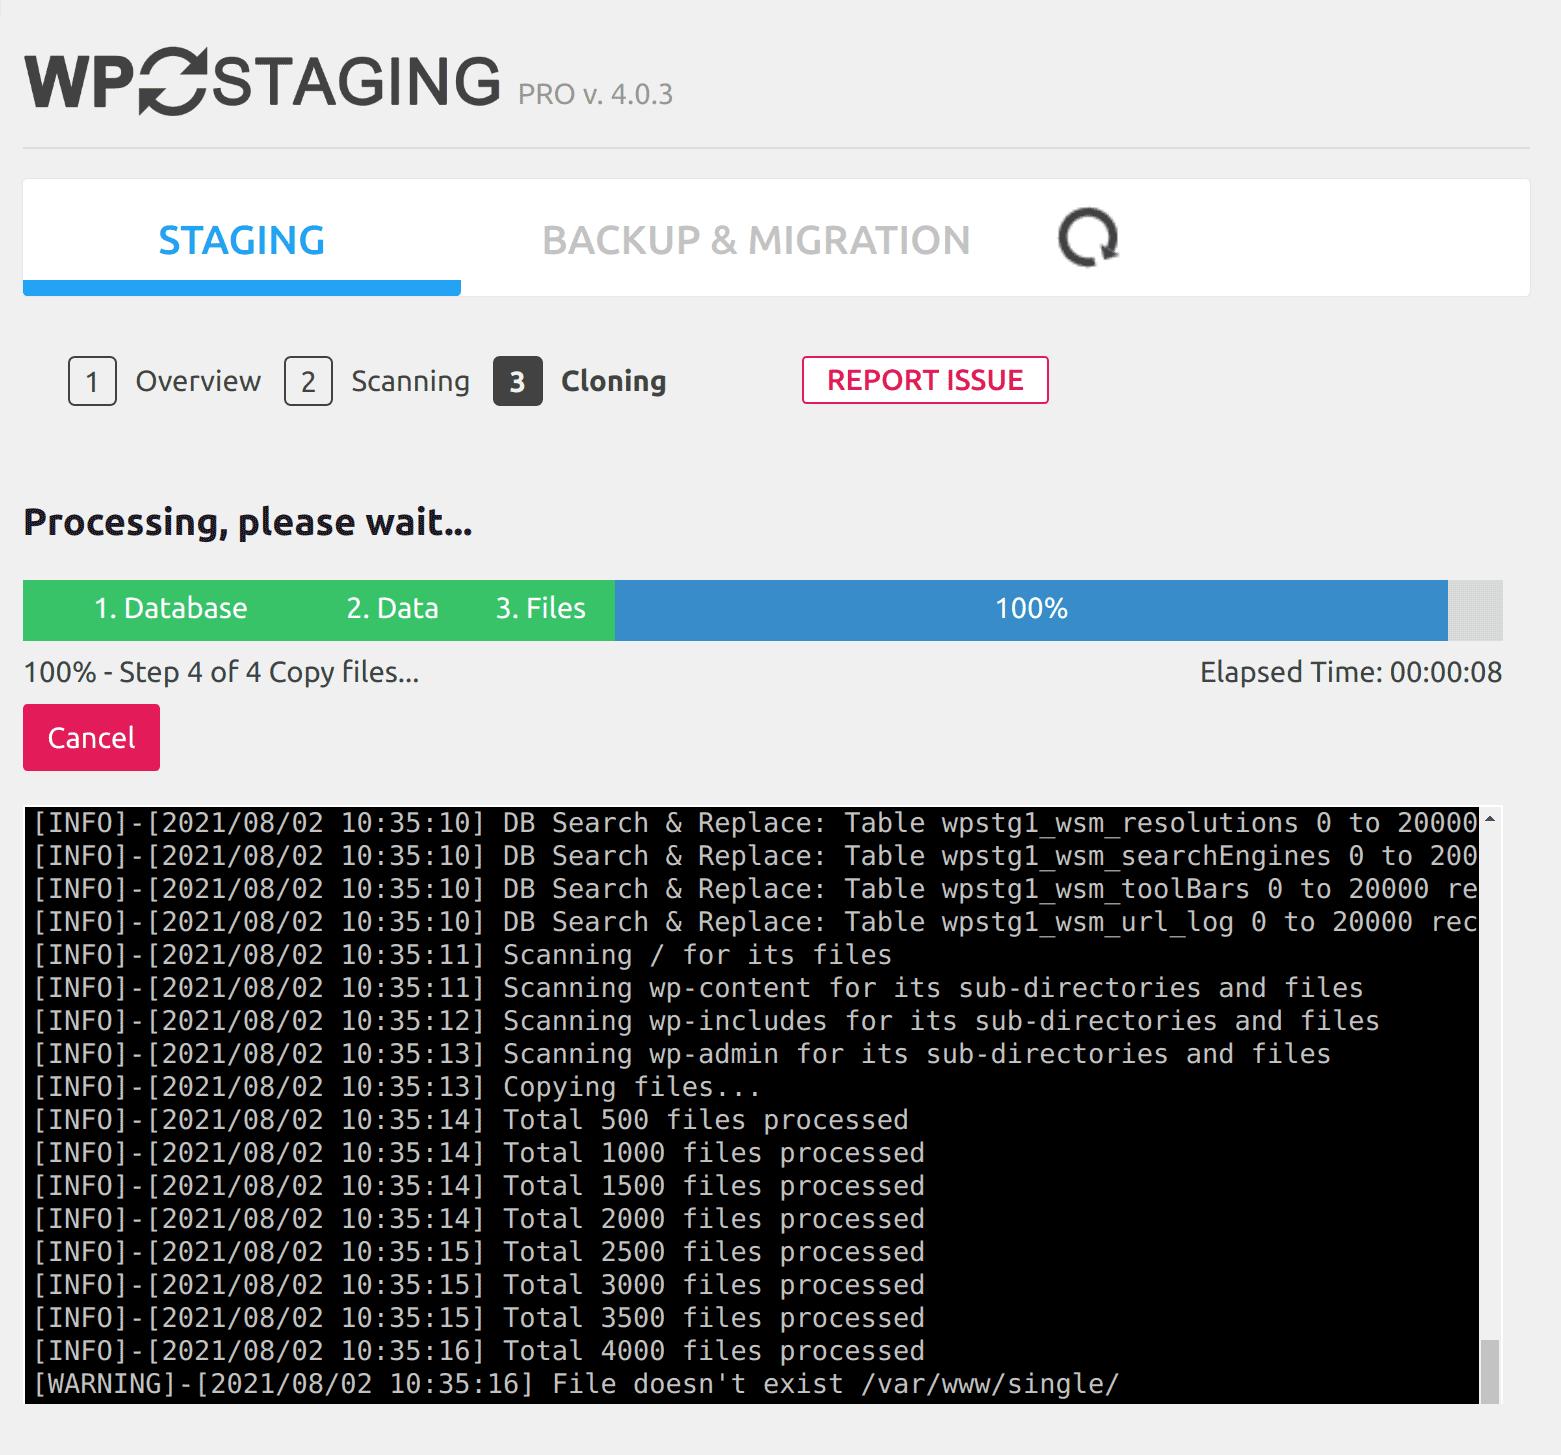 Cloning / backup processing